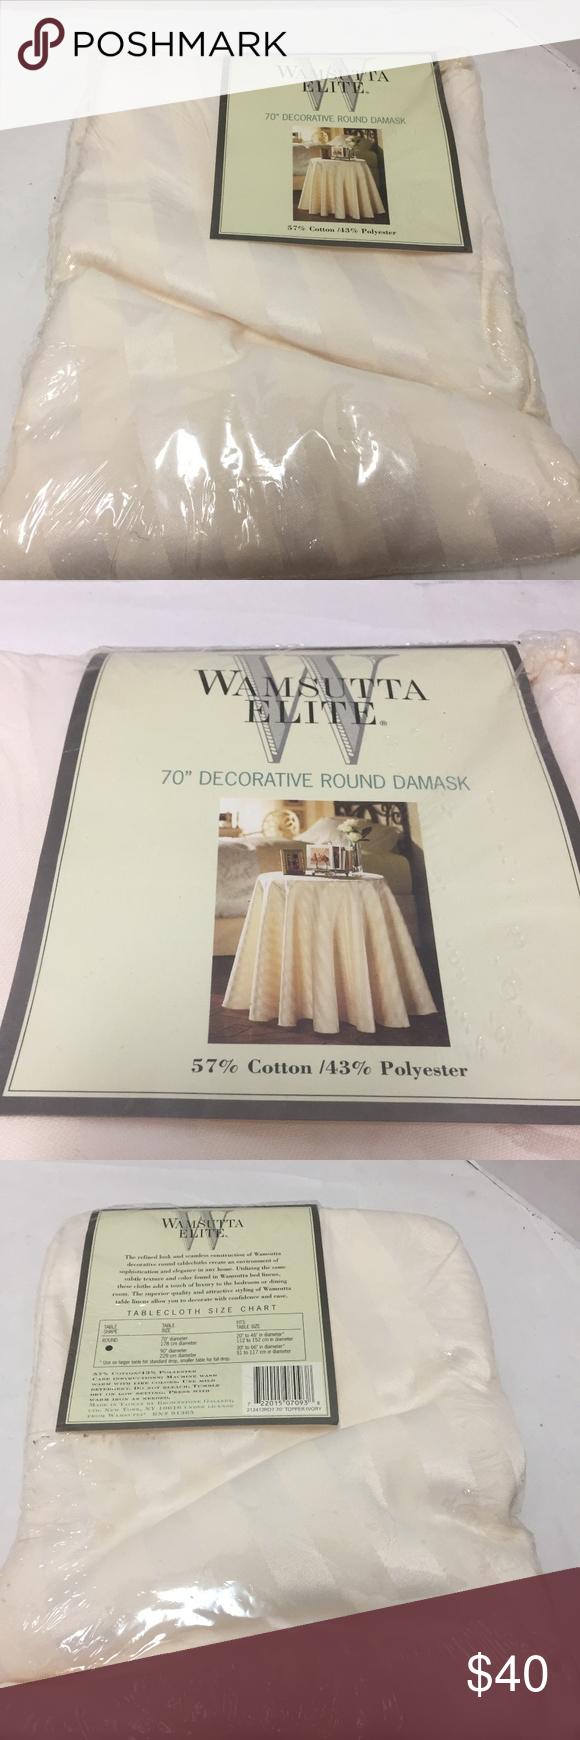 70″ Round Tablecloth Cream Wamsutta Elite Damask Wasmsutta Elite 70″ decorative …